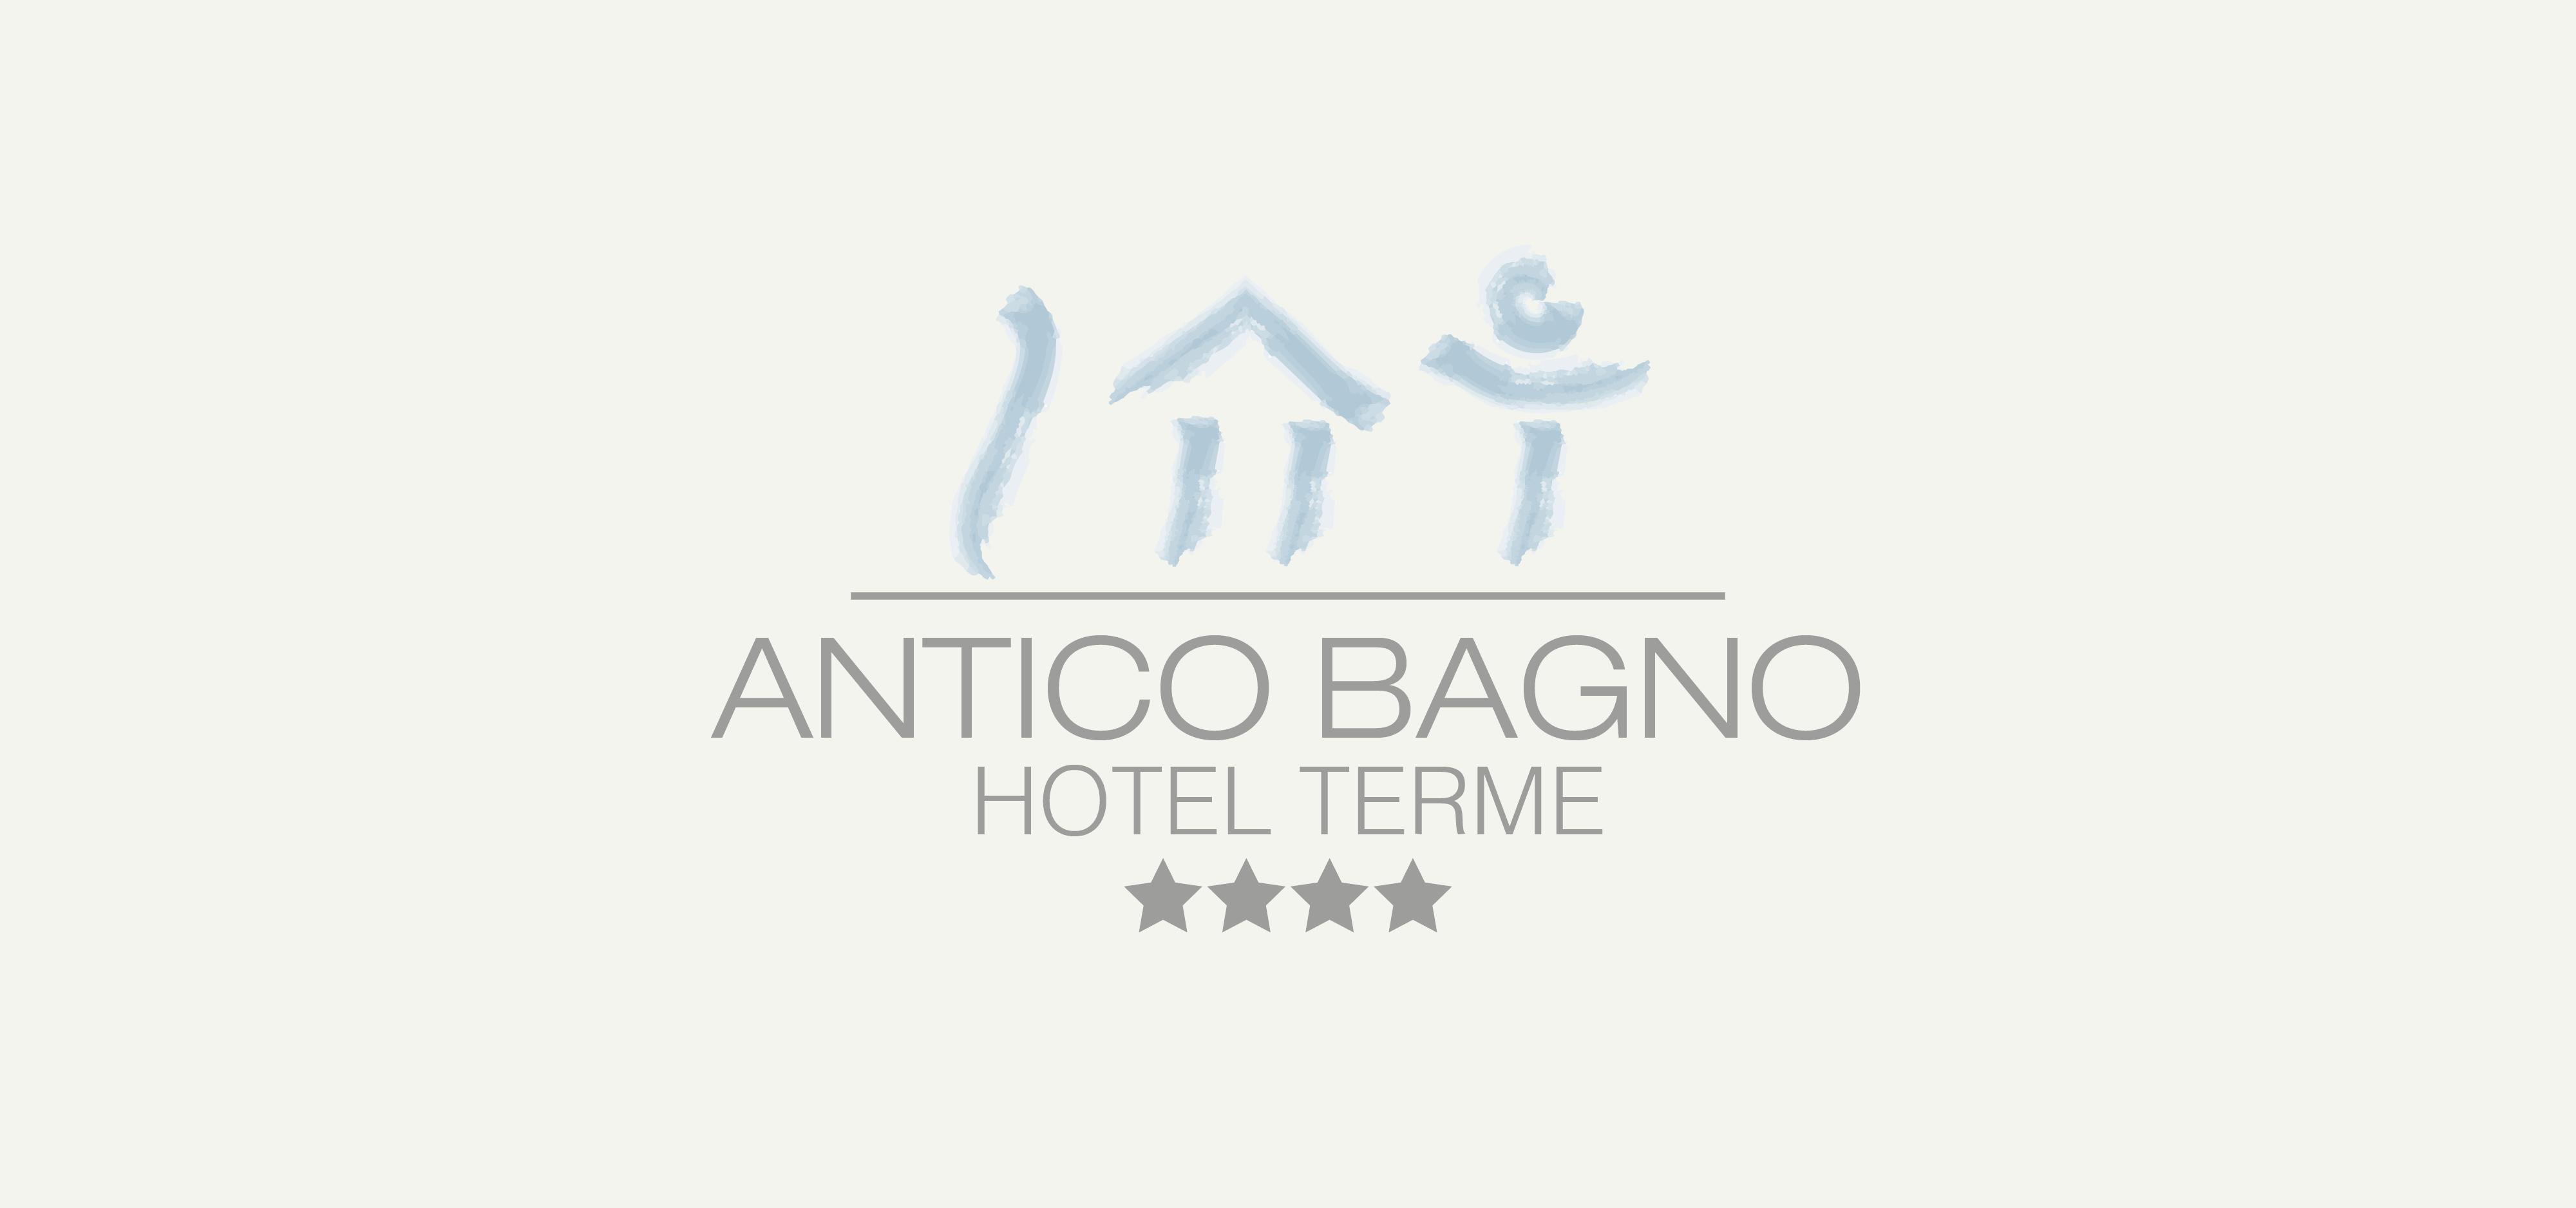 antico-bagno-07